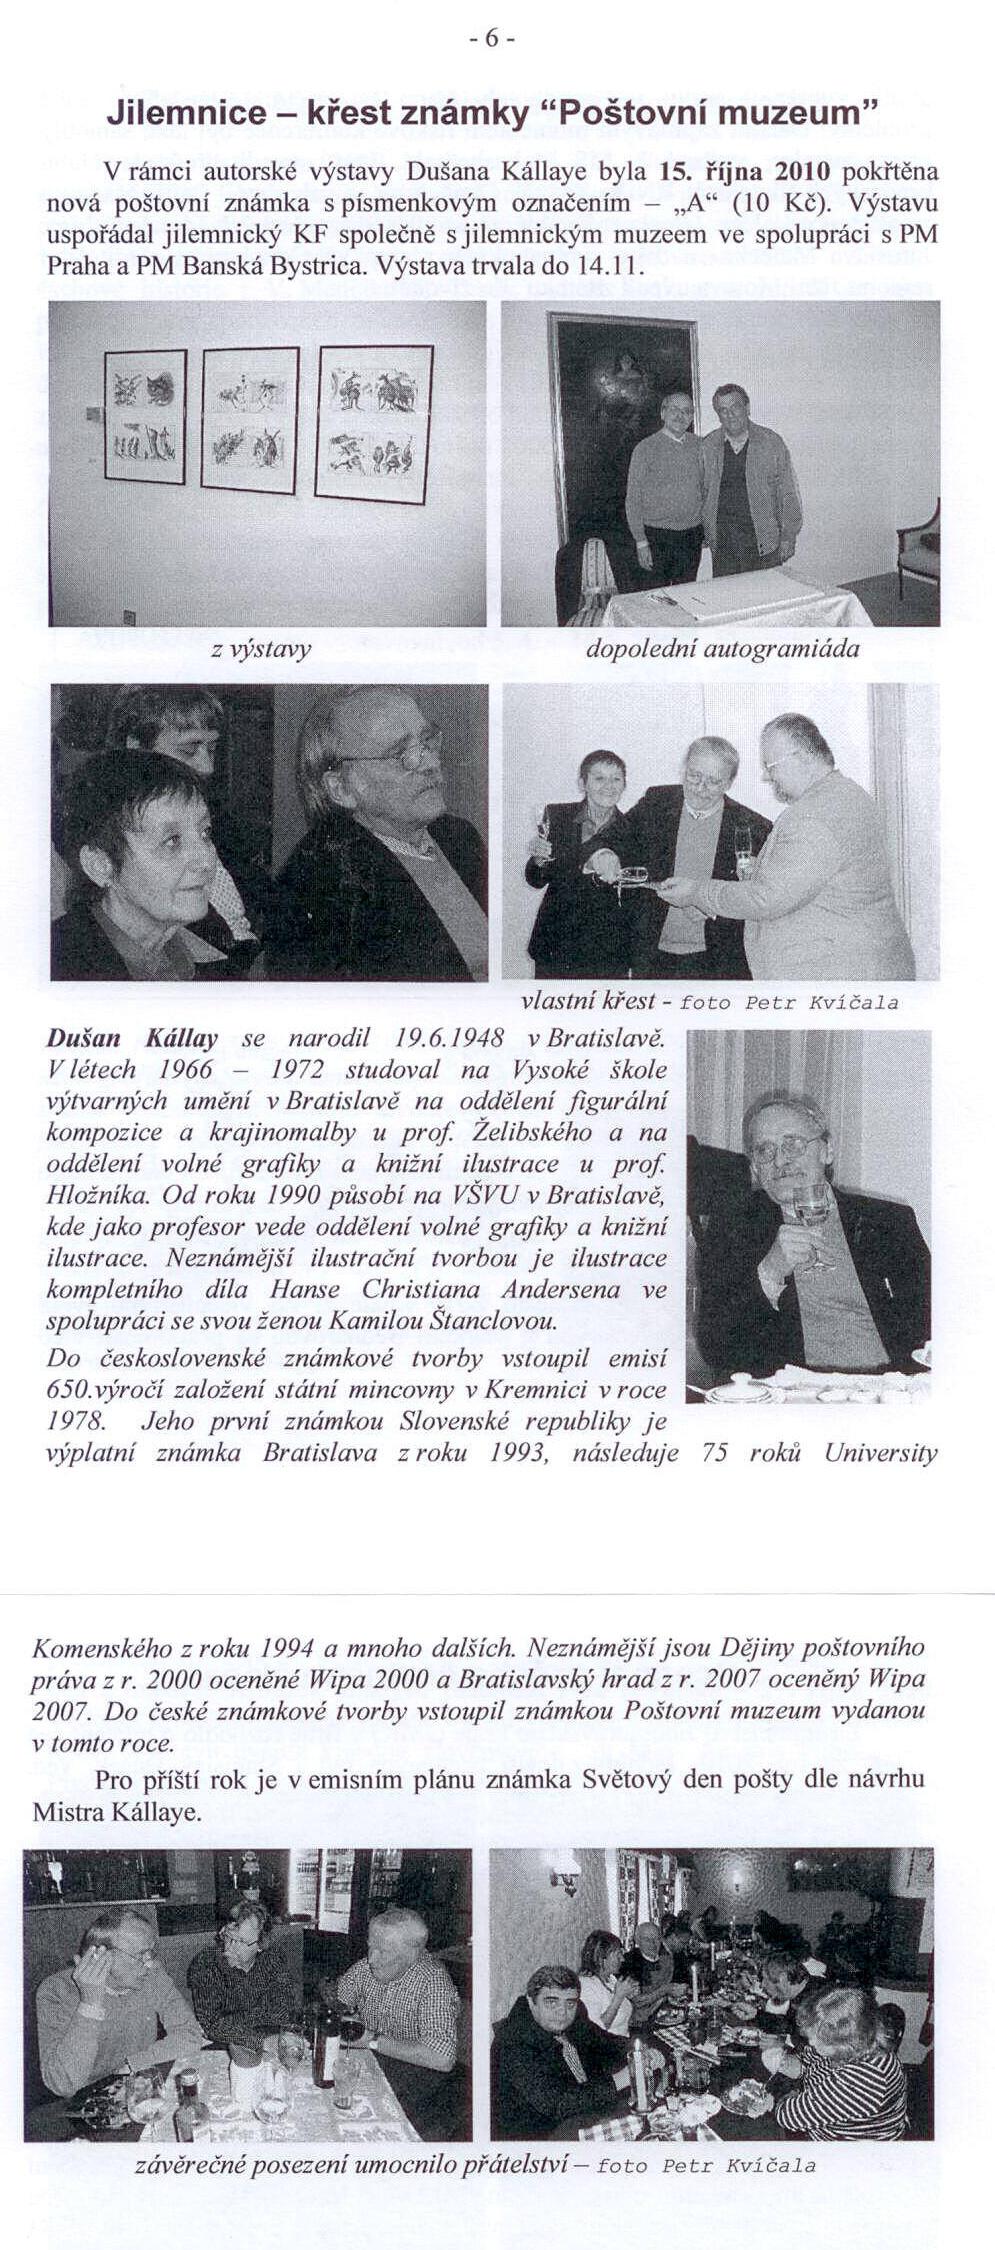 Dušan Kállay v Jilemnici